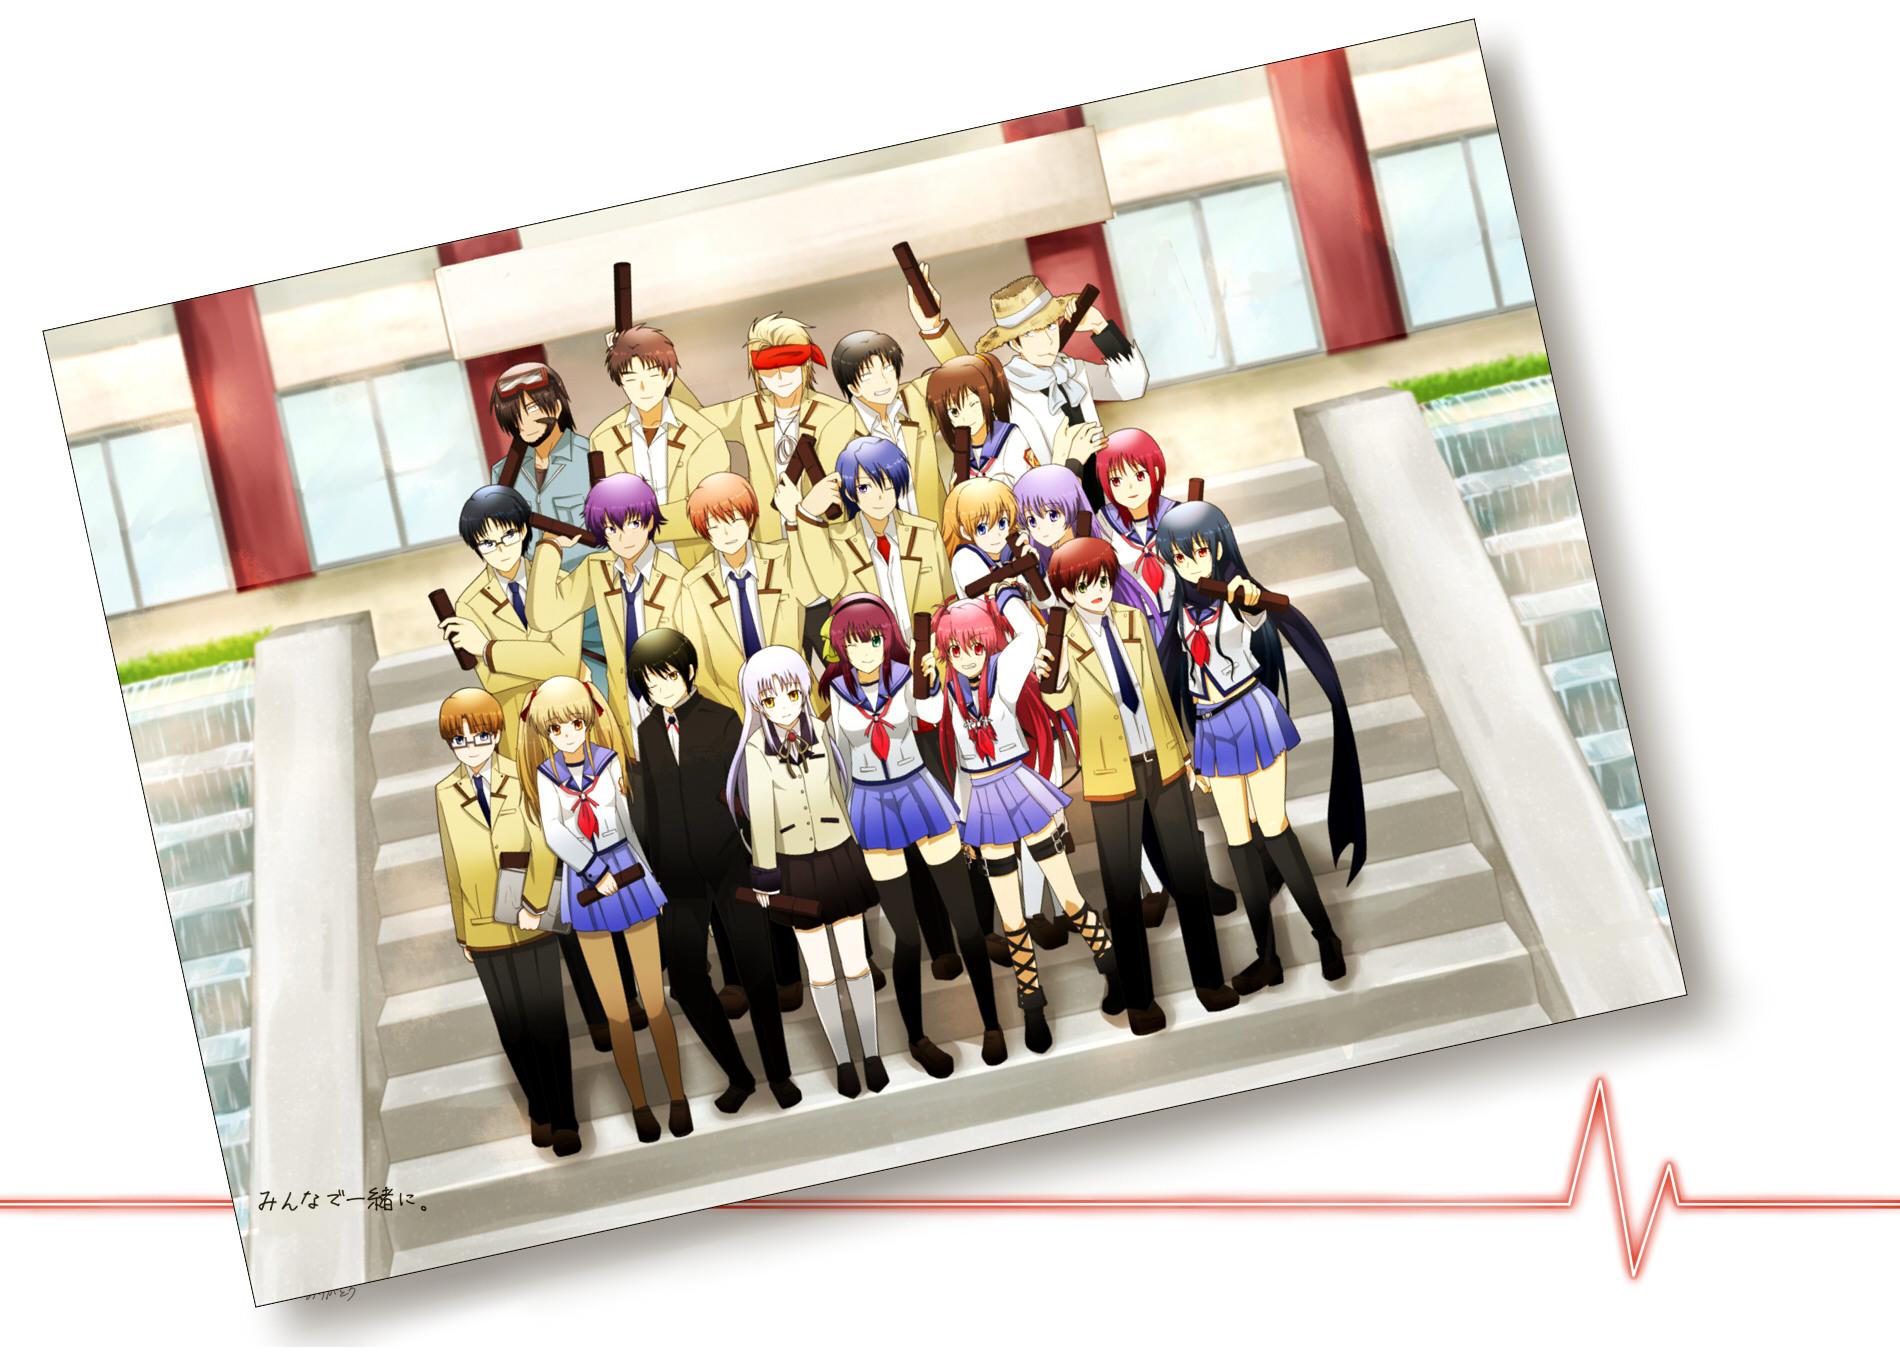 angel_beats! chaa fish_saito fujimaki group hinata_hideki hisako irie_miyuki iwasawa_masami matsushita nakamura_yuri naoi_ayato noda ooyama otonashi_yuzuru sekine_shiori shiina tachibana_kanade takamatsu takeyama tk yui_(angel_beats!) yusa